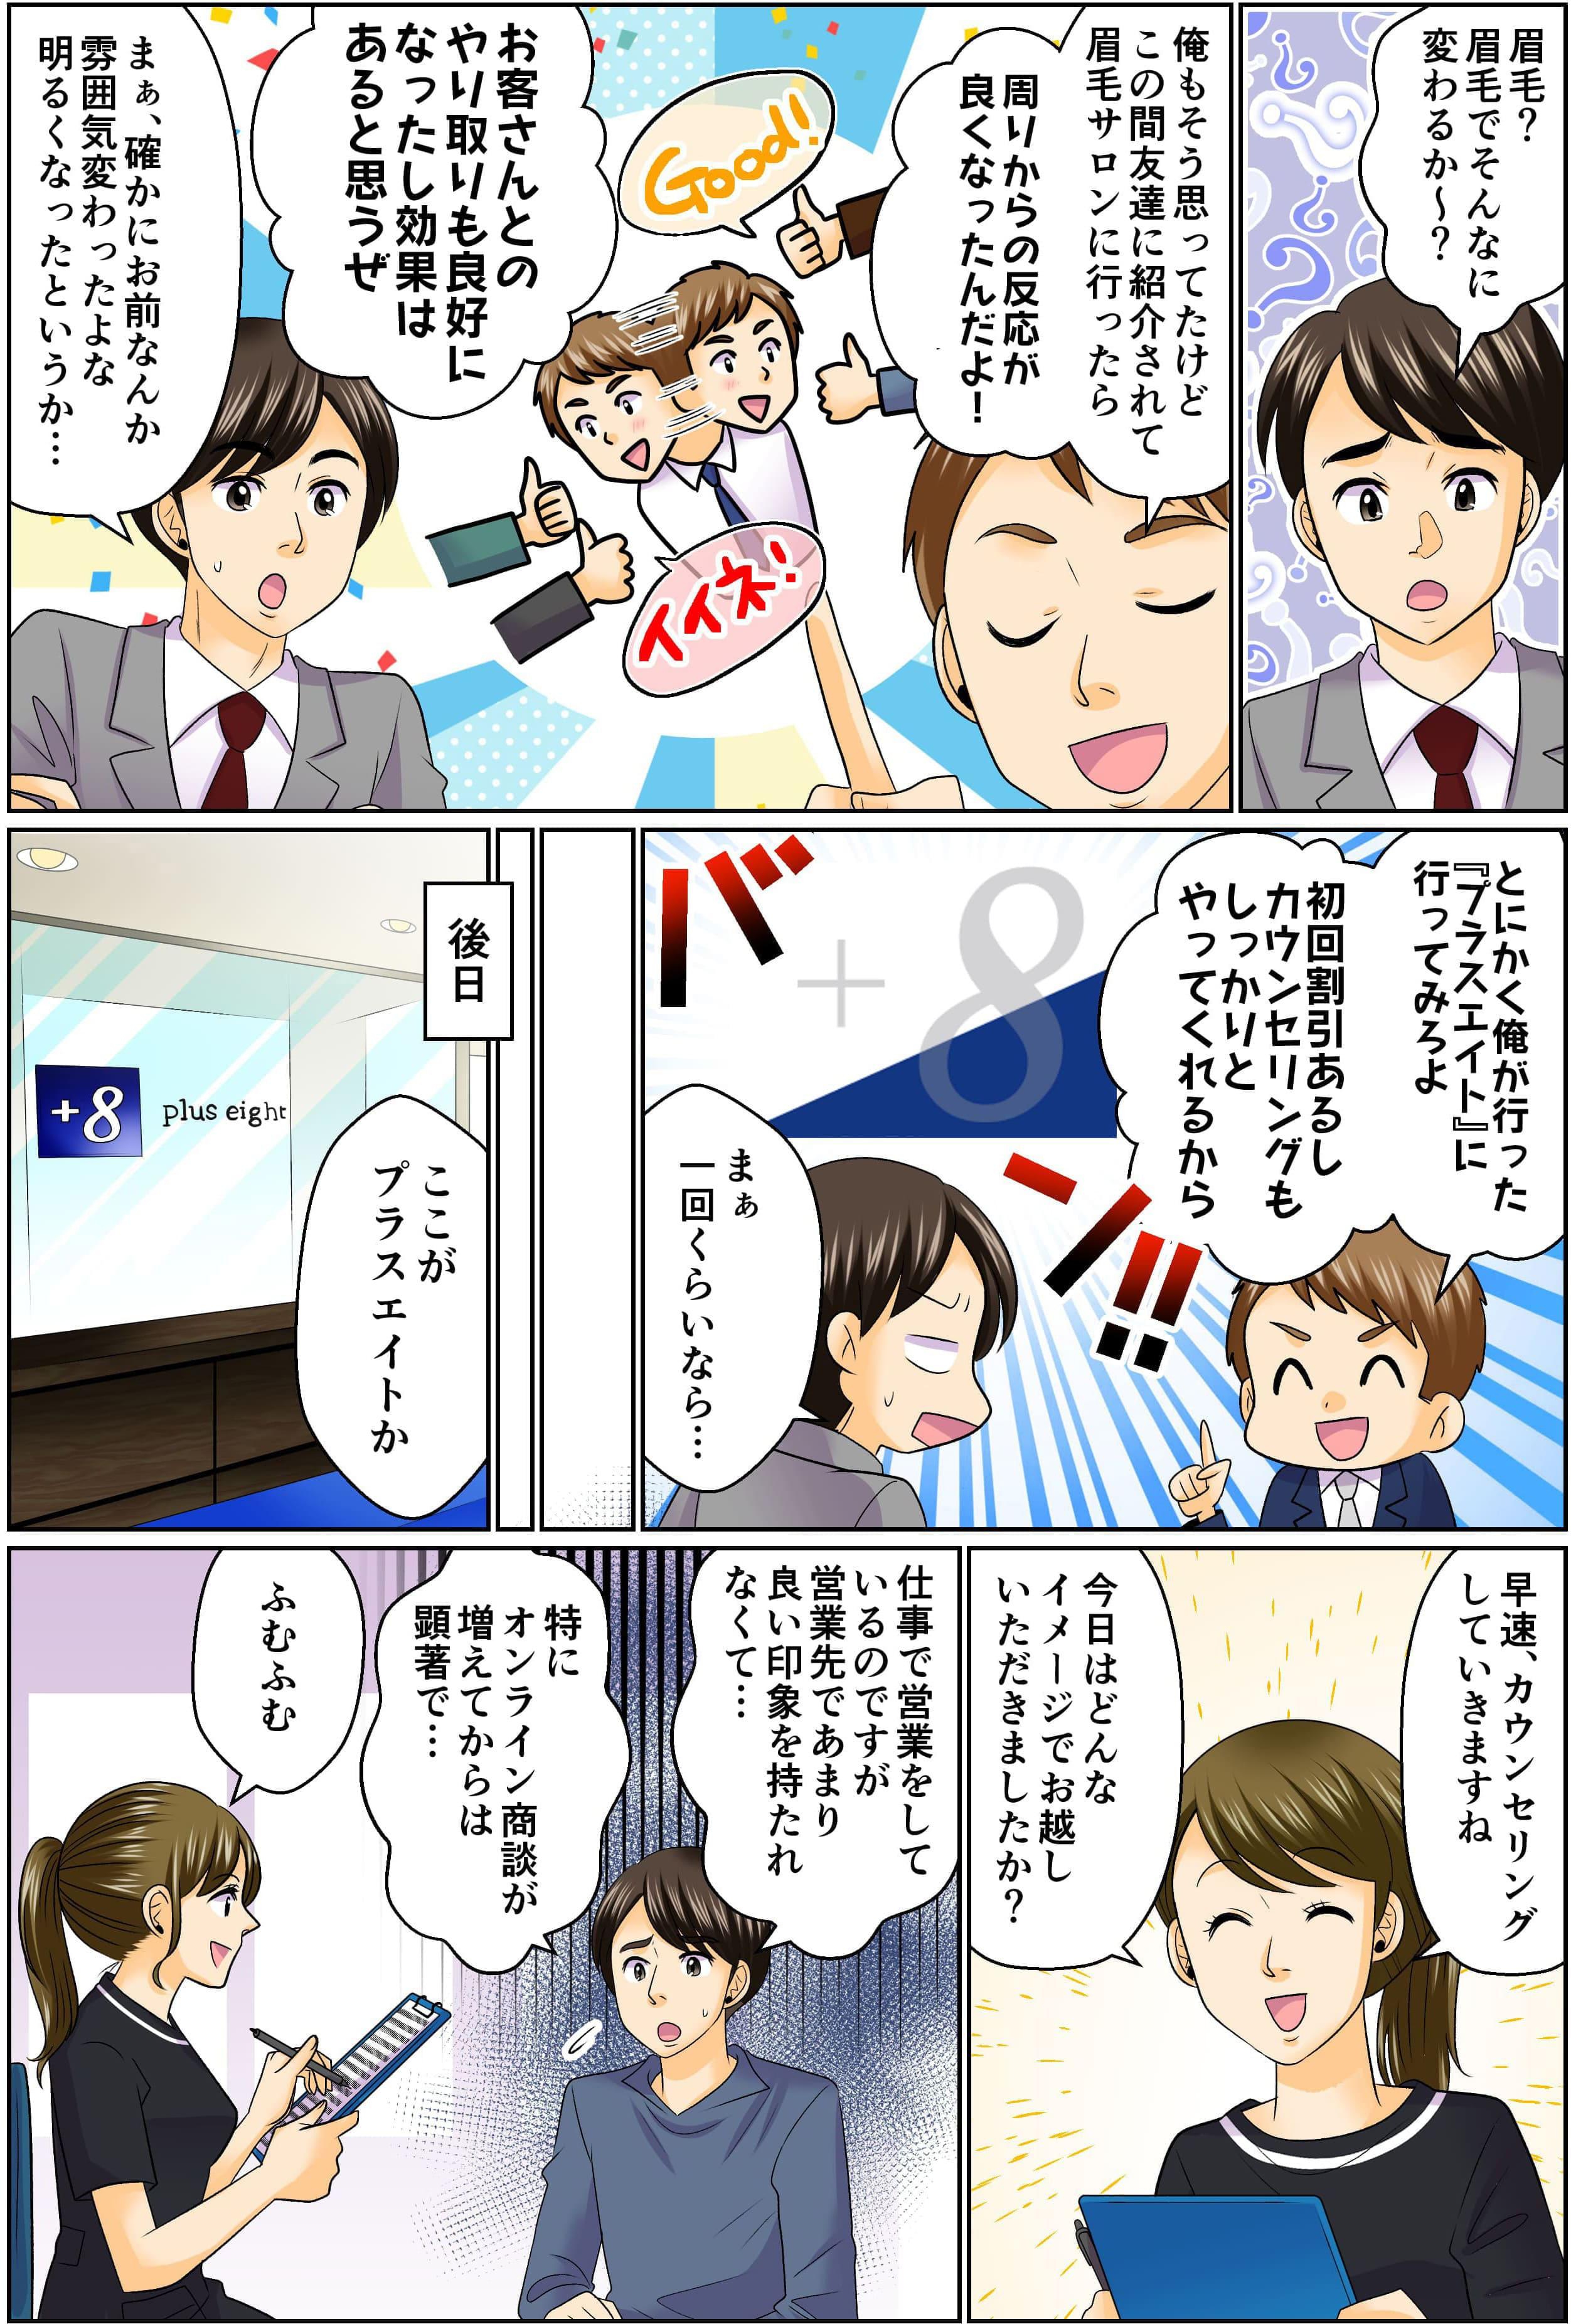 眉毛施術【オンライン商談】3